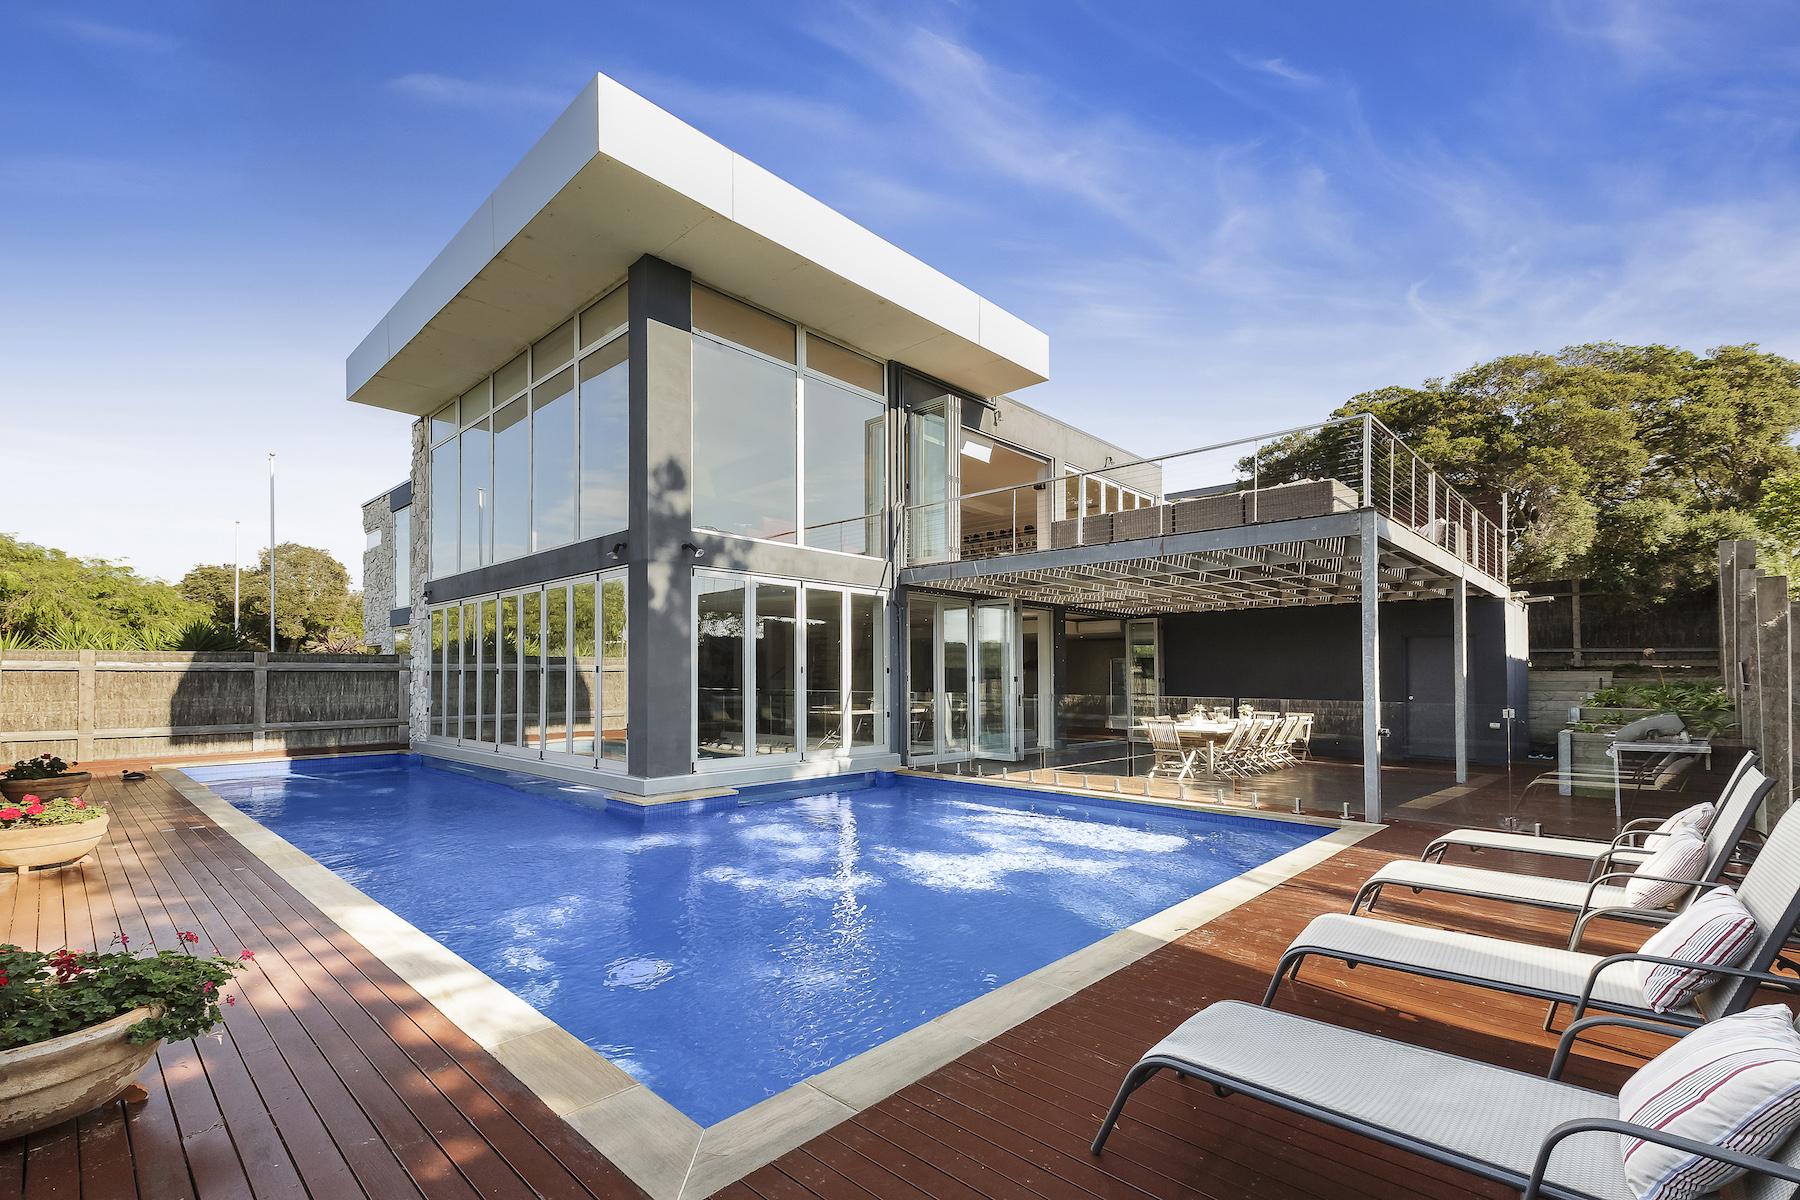 Tek Ailelik Ev için Satış at 26 Seaview Street, Blairgowrie Blairgowrie, Victoria, Avustralya